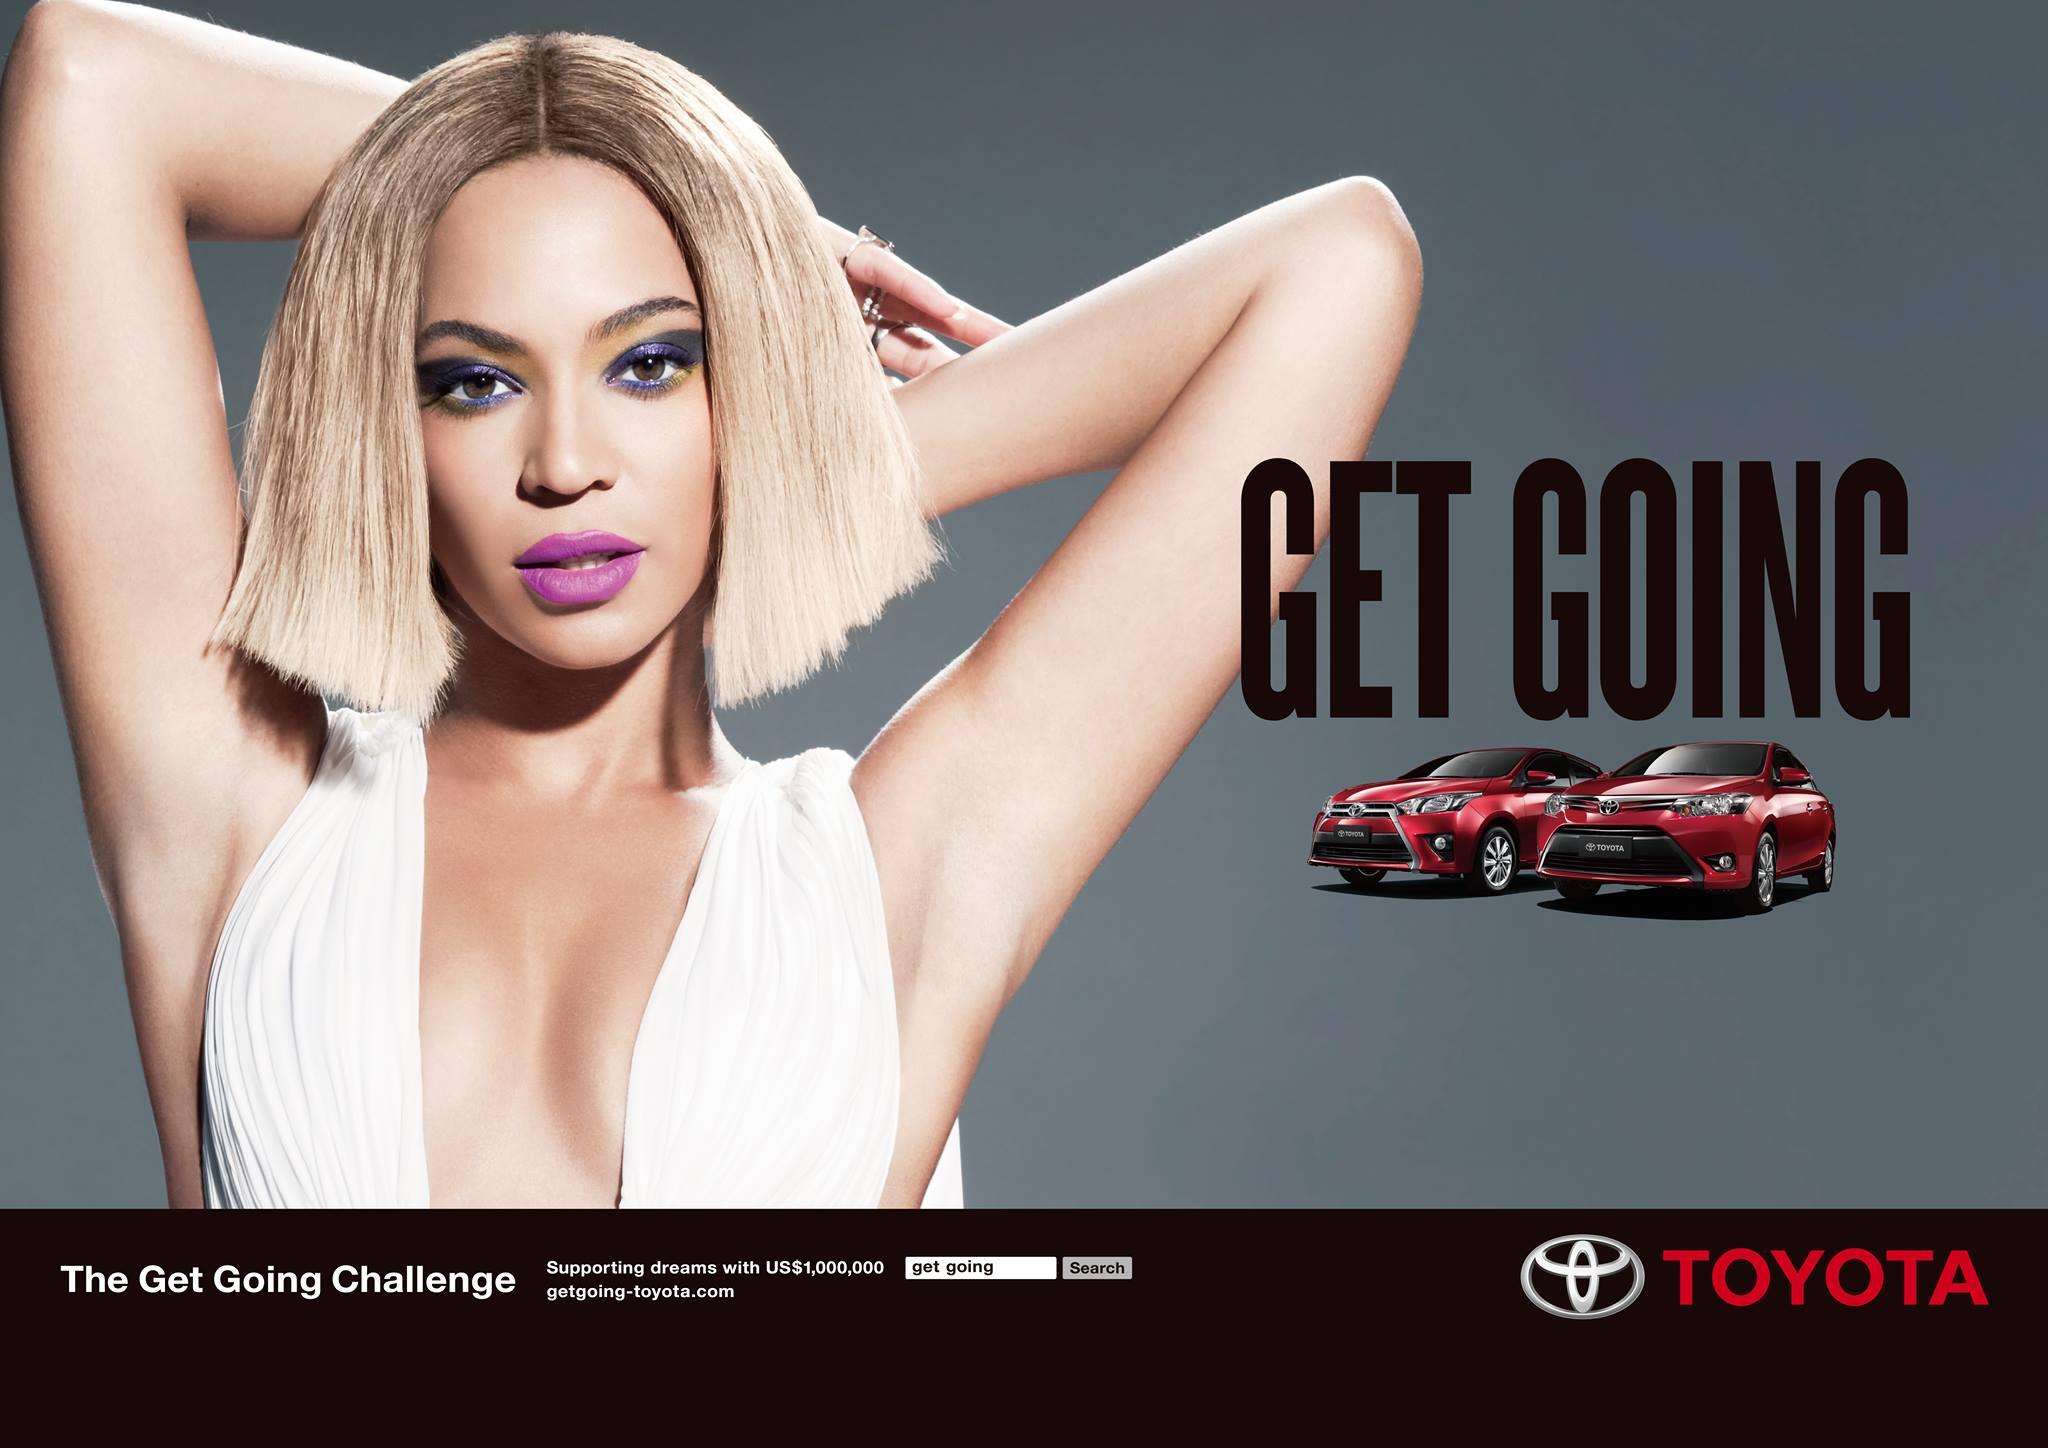 Fotos de Beyoncé > Nuevos Shoots, Campañas, Portadas, etc. - Página 42 006